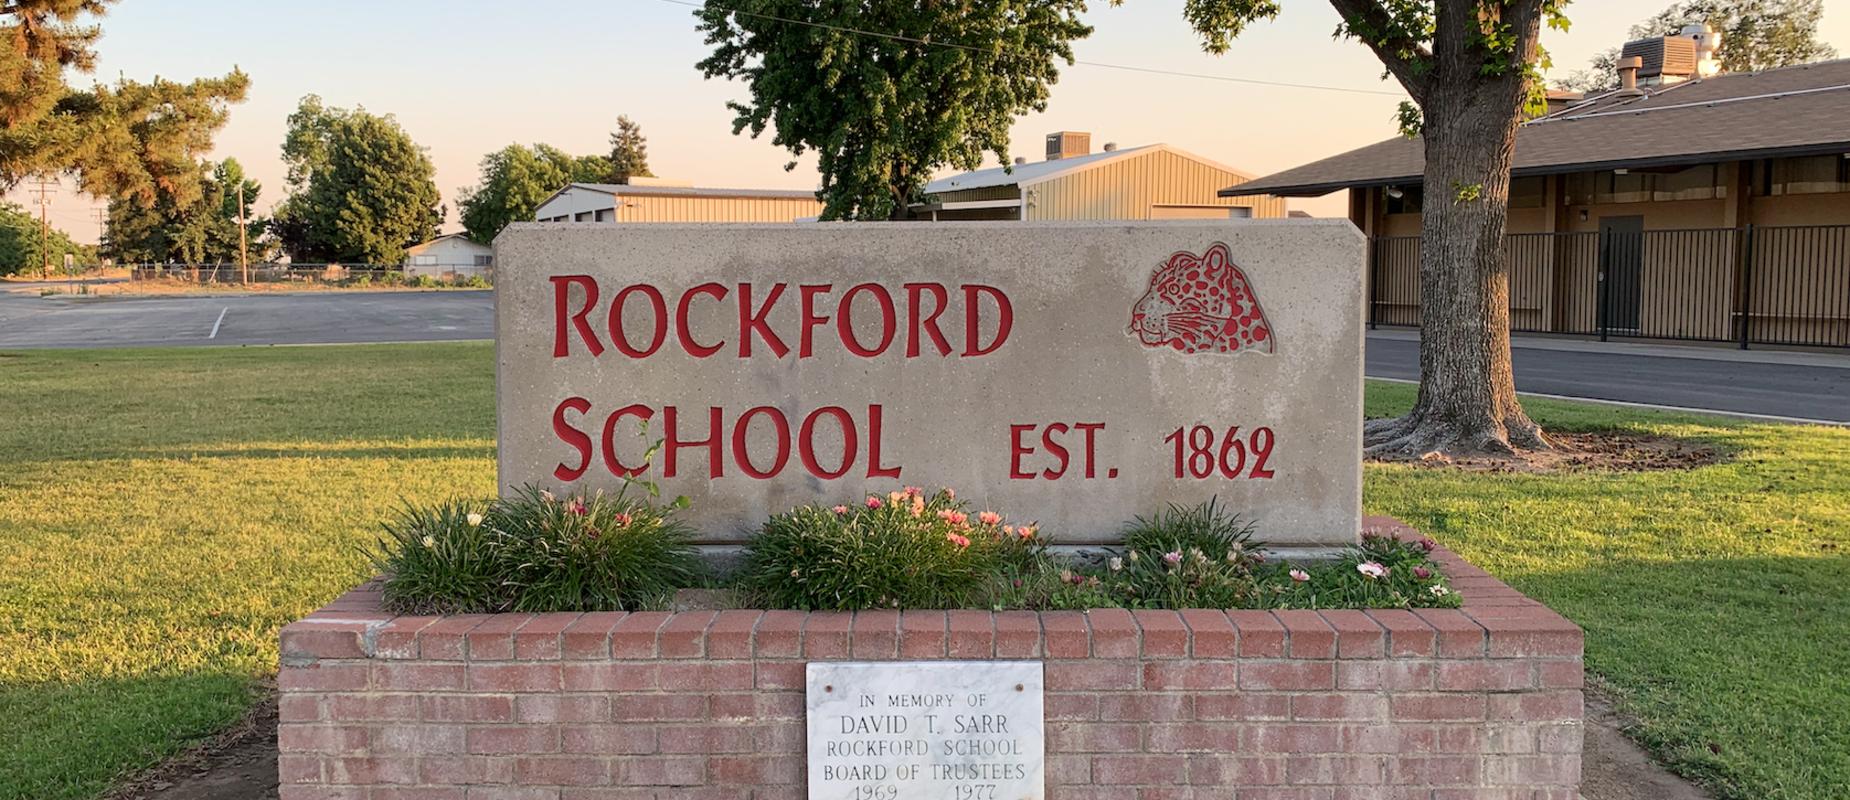 Rockford School Sign